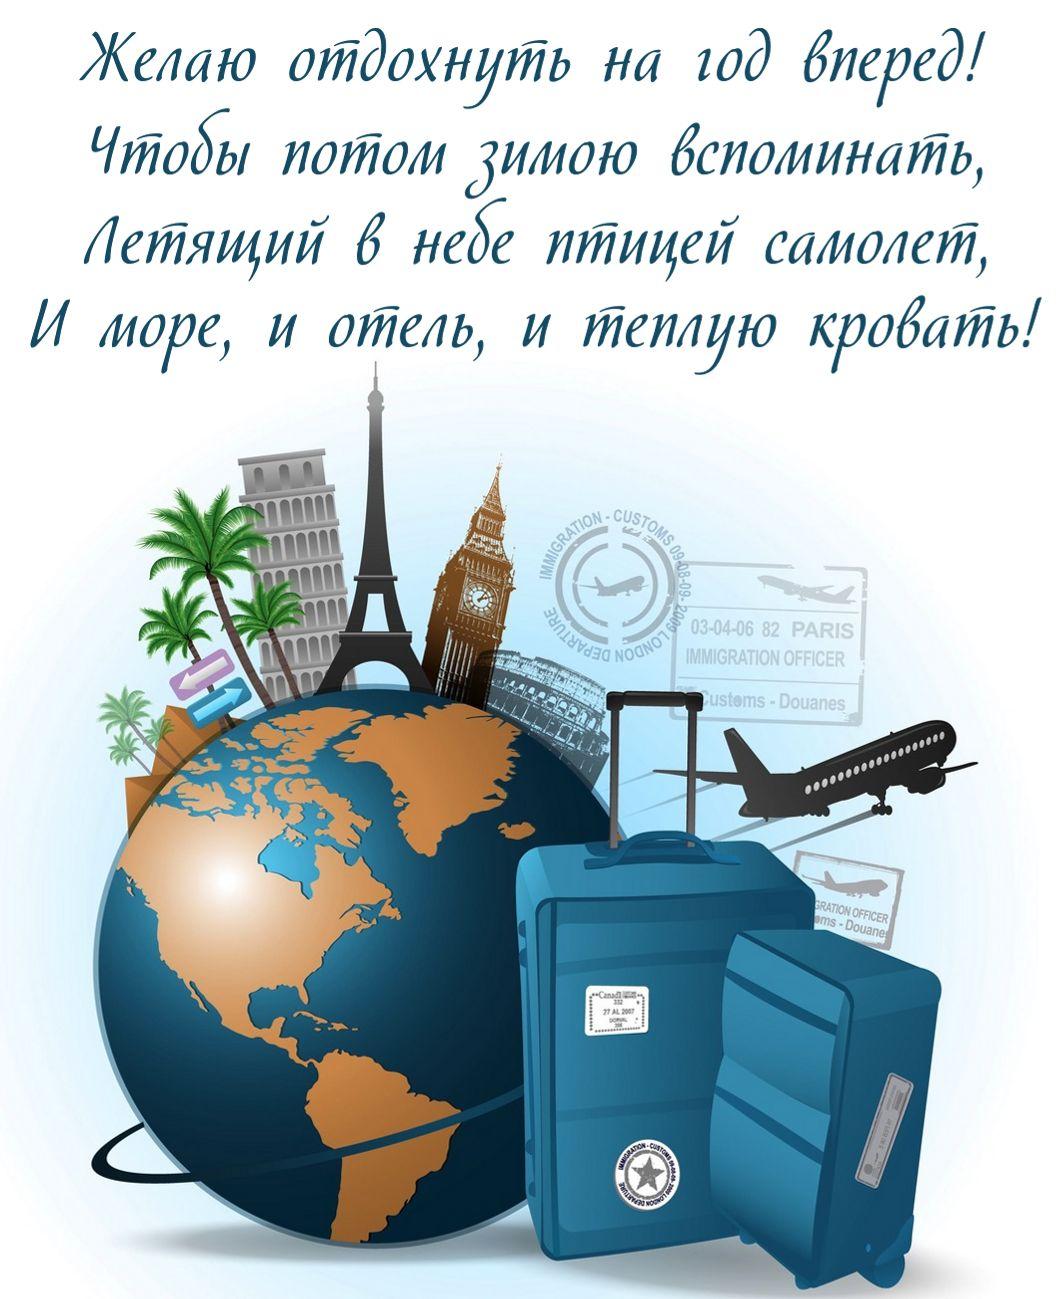 открытка с отпуском - красивое пожелание для путешественников